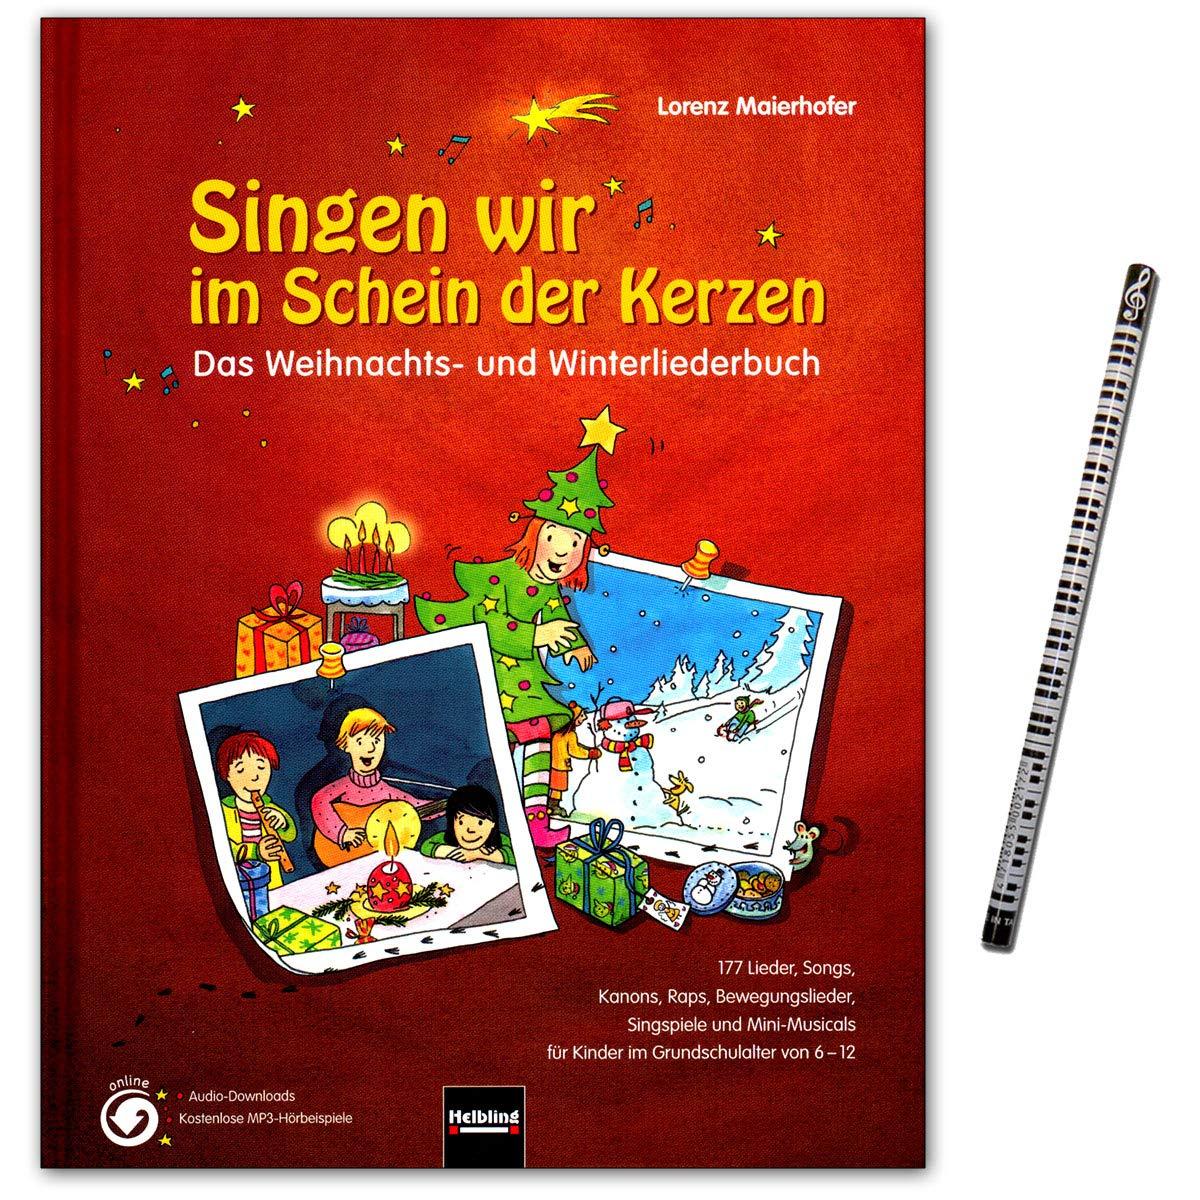 Singen wir im Schein der Kerzen - ein begeisterndes Weihnachts- und ...